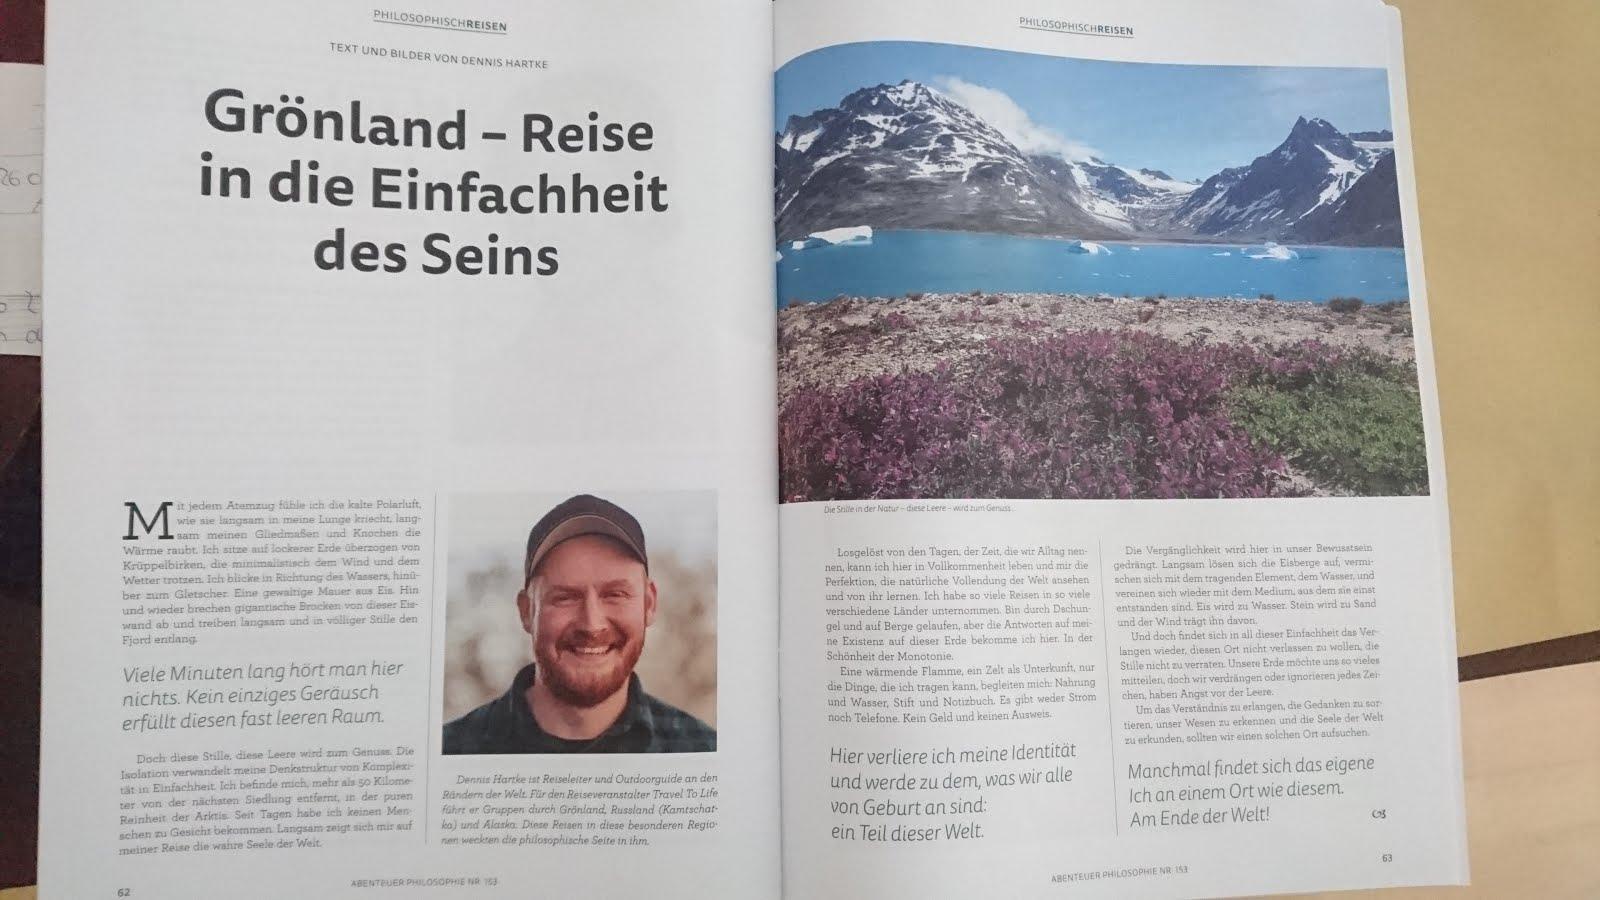 Grönland - Abenteuer Philosophie